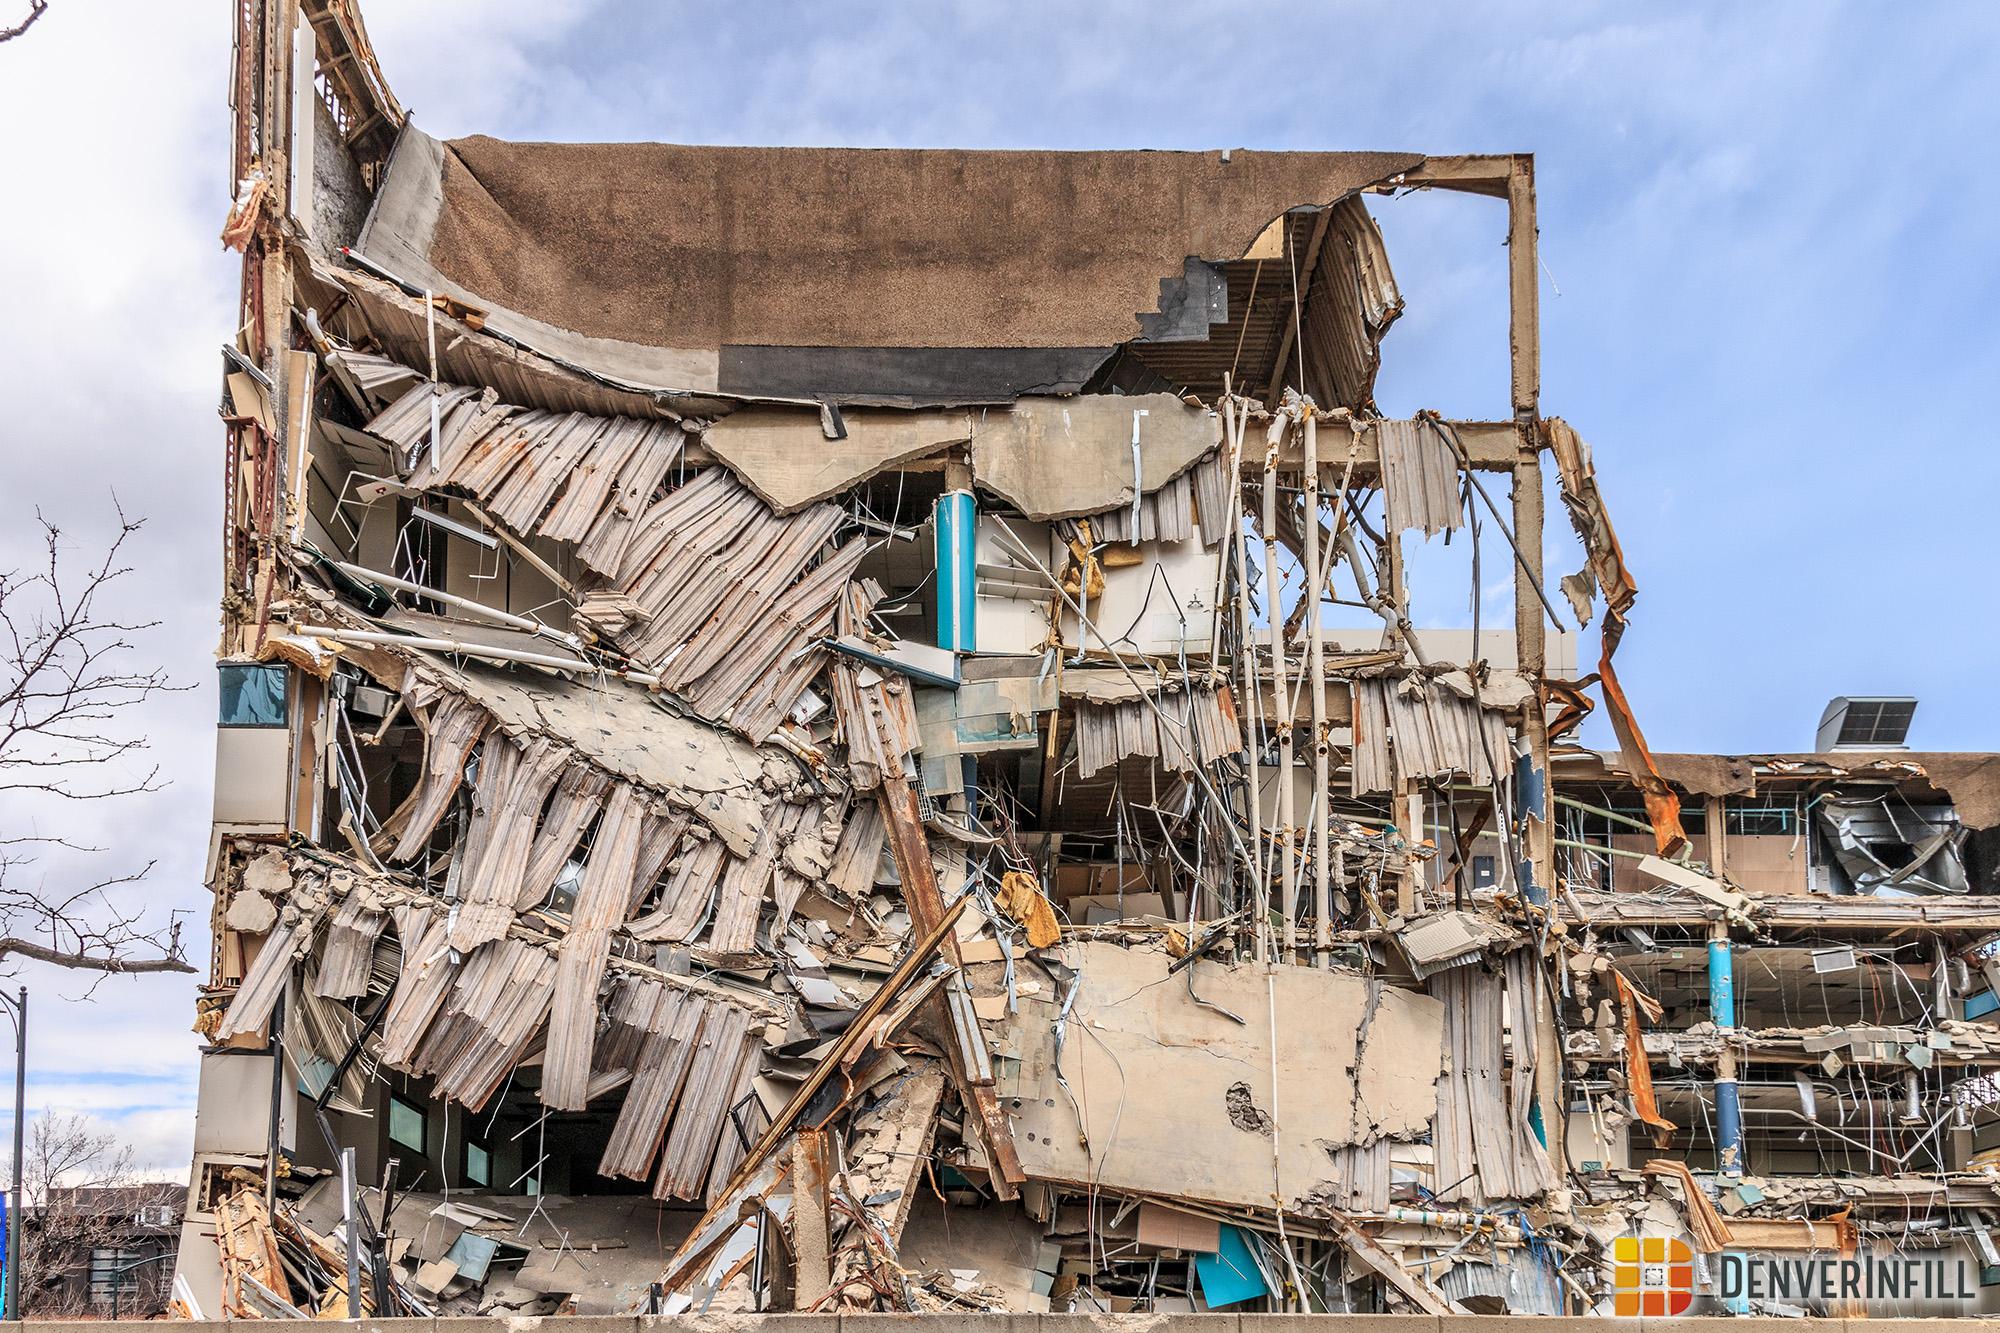 990 Bannock Demolition